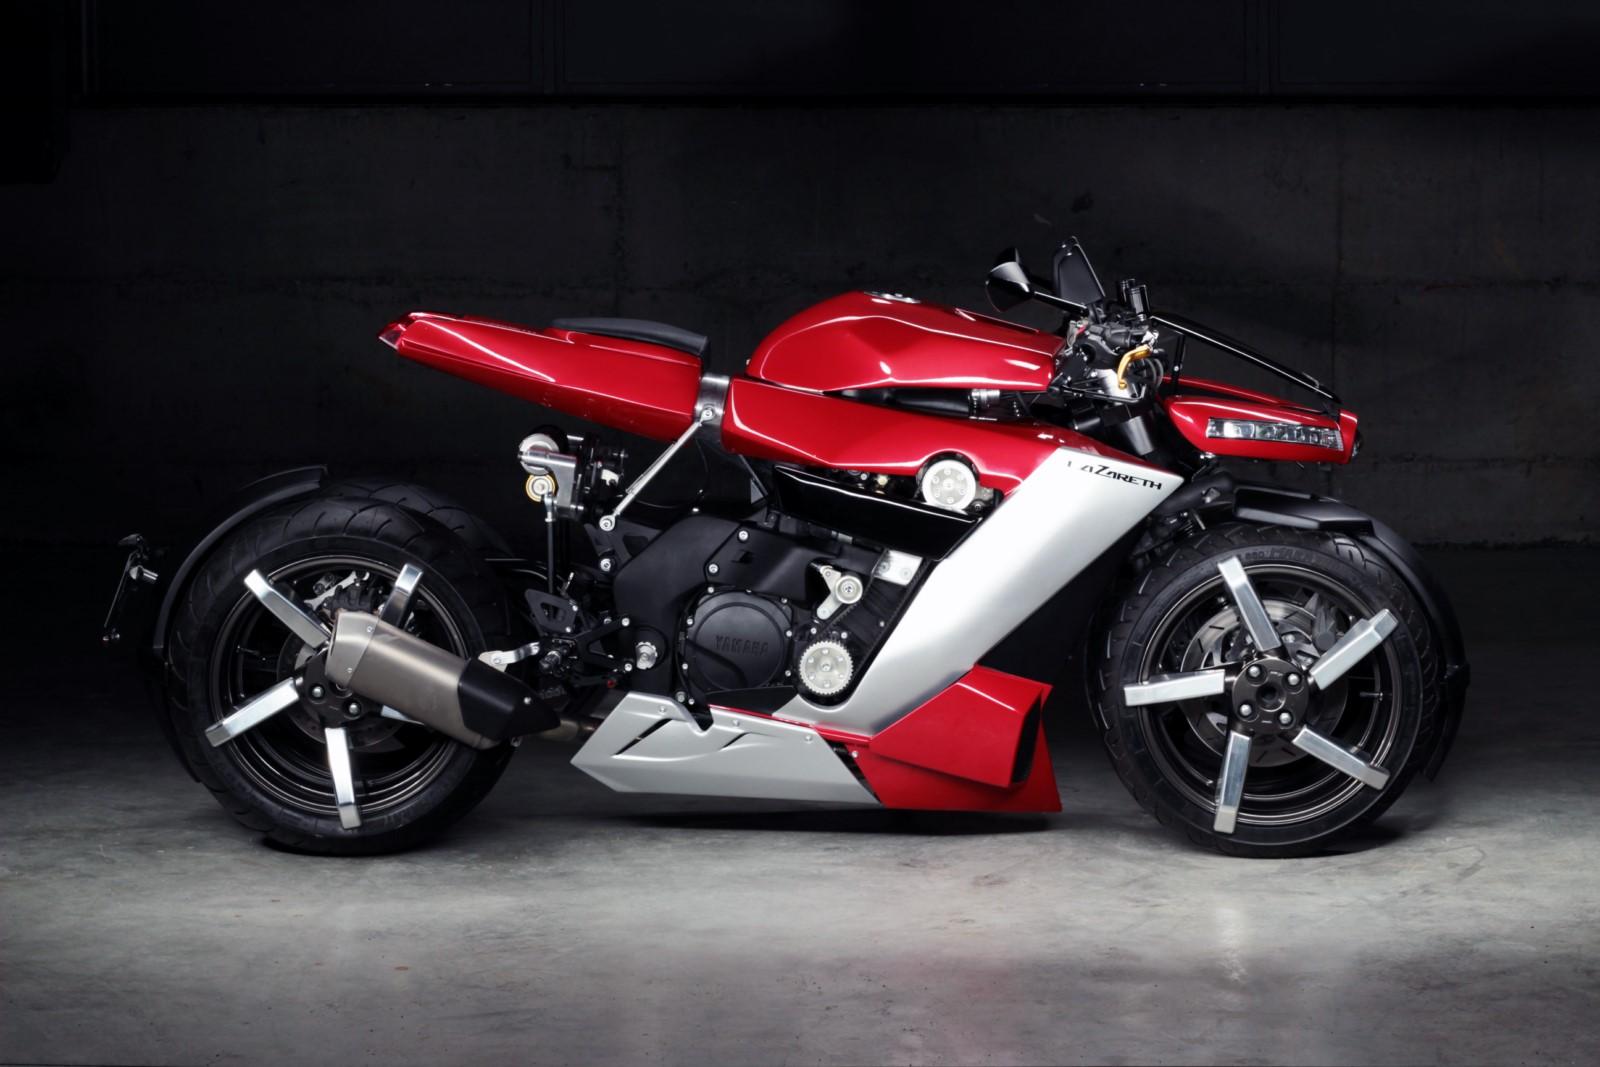 Спортбайк Yamaha превратили в безумный четырехколесный мотоцикл